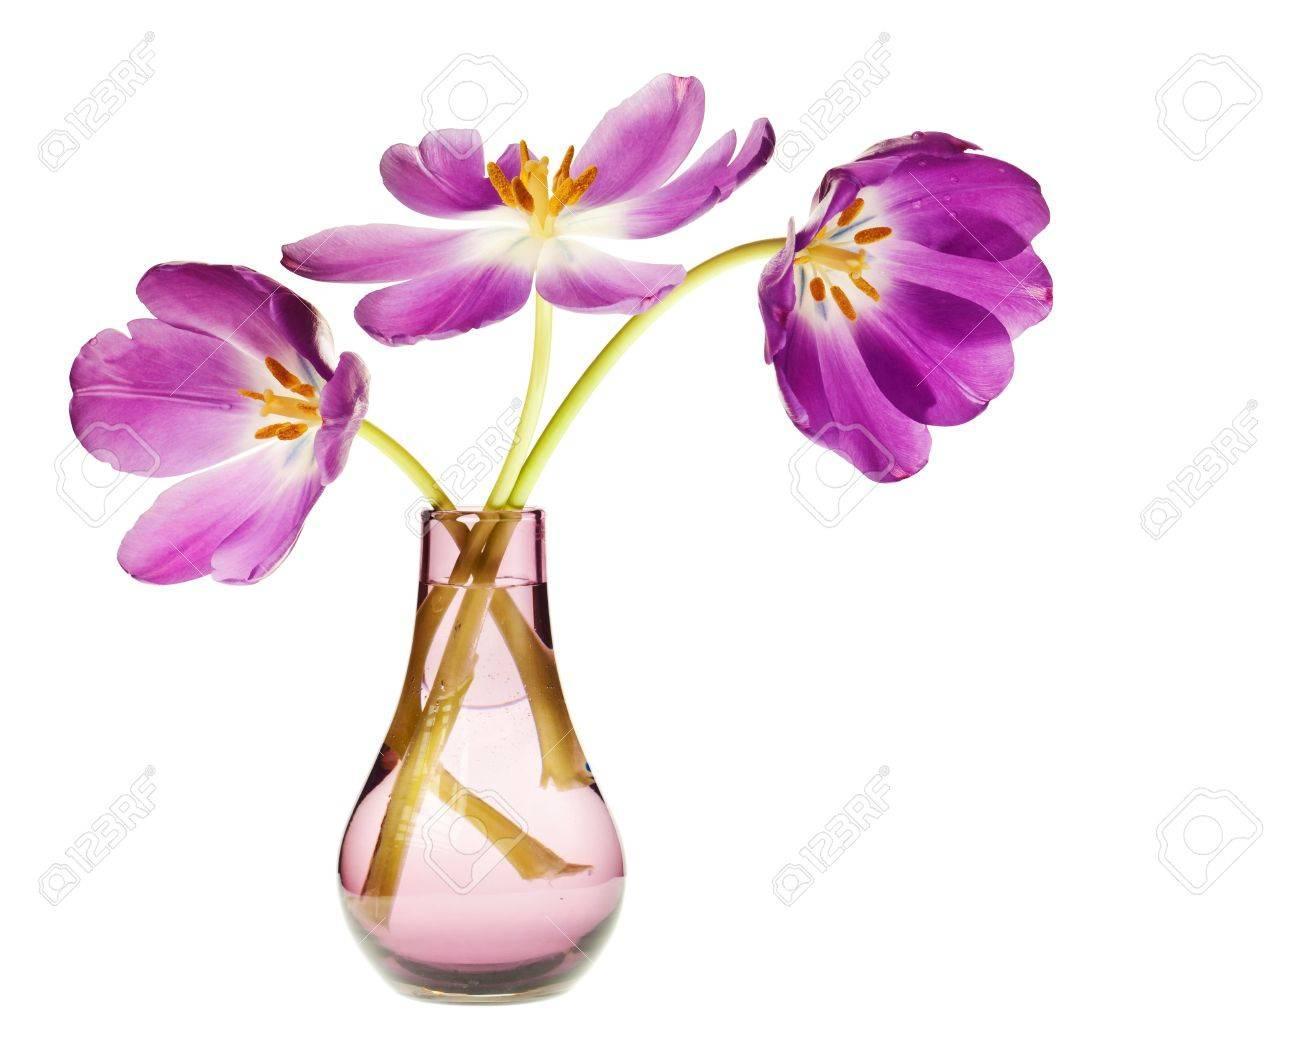 purple tulip isolated on white background Stock Photo - 4988495